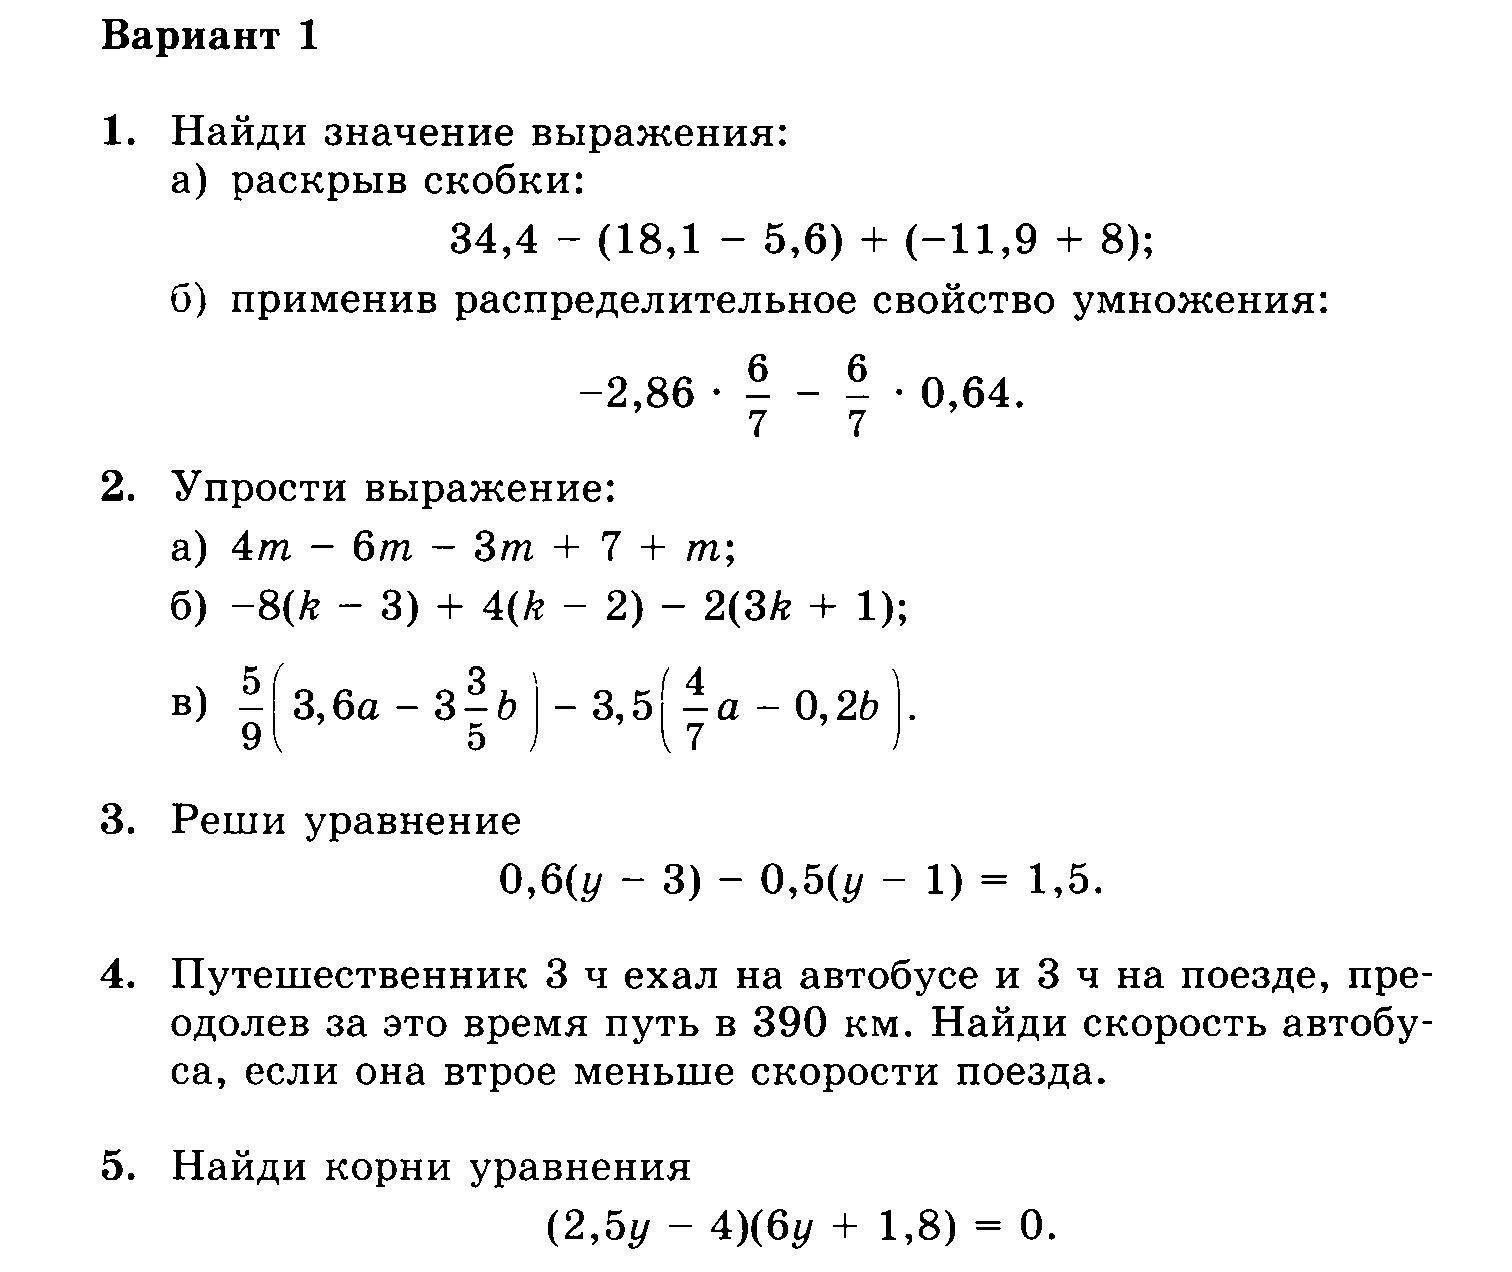 Готовые контрольные работы за полугодие по математике 6 класс виленкин